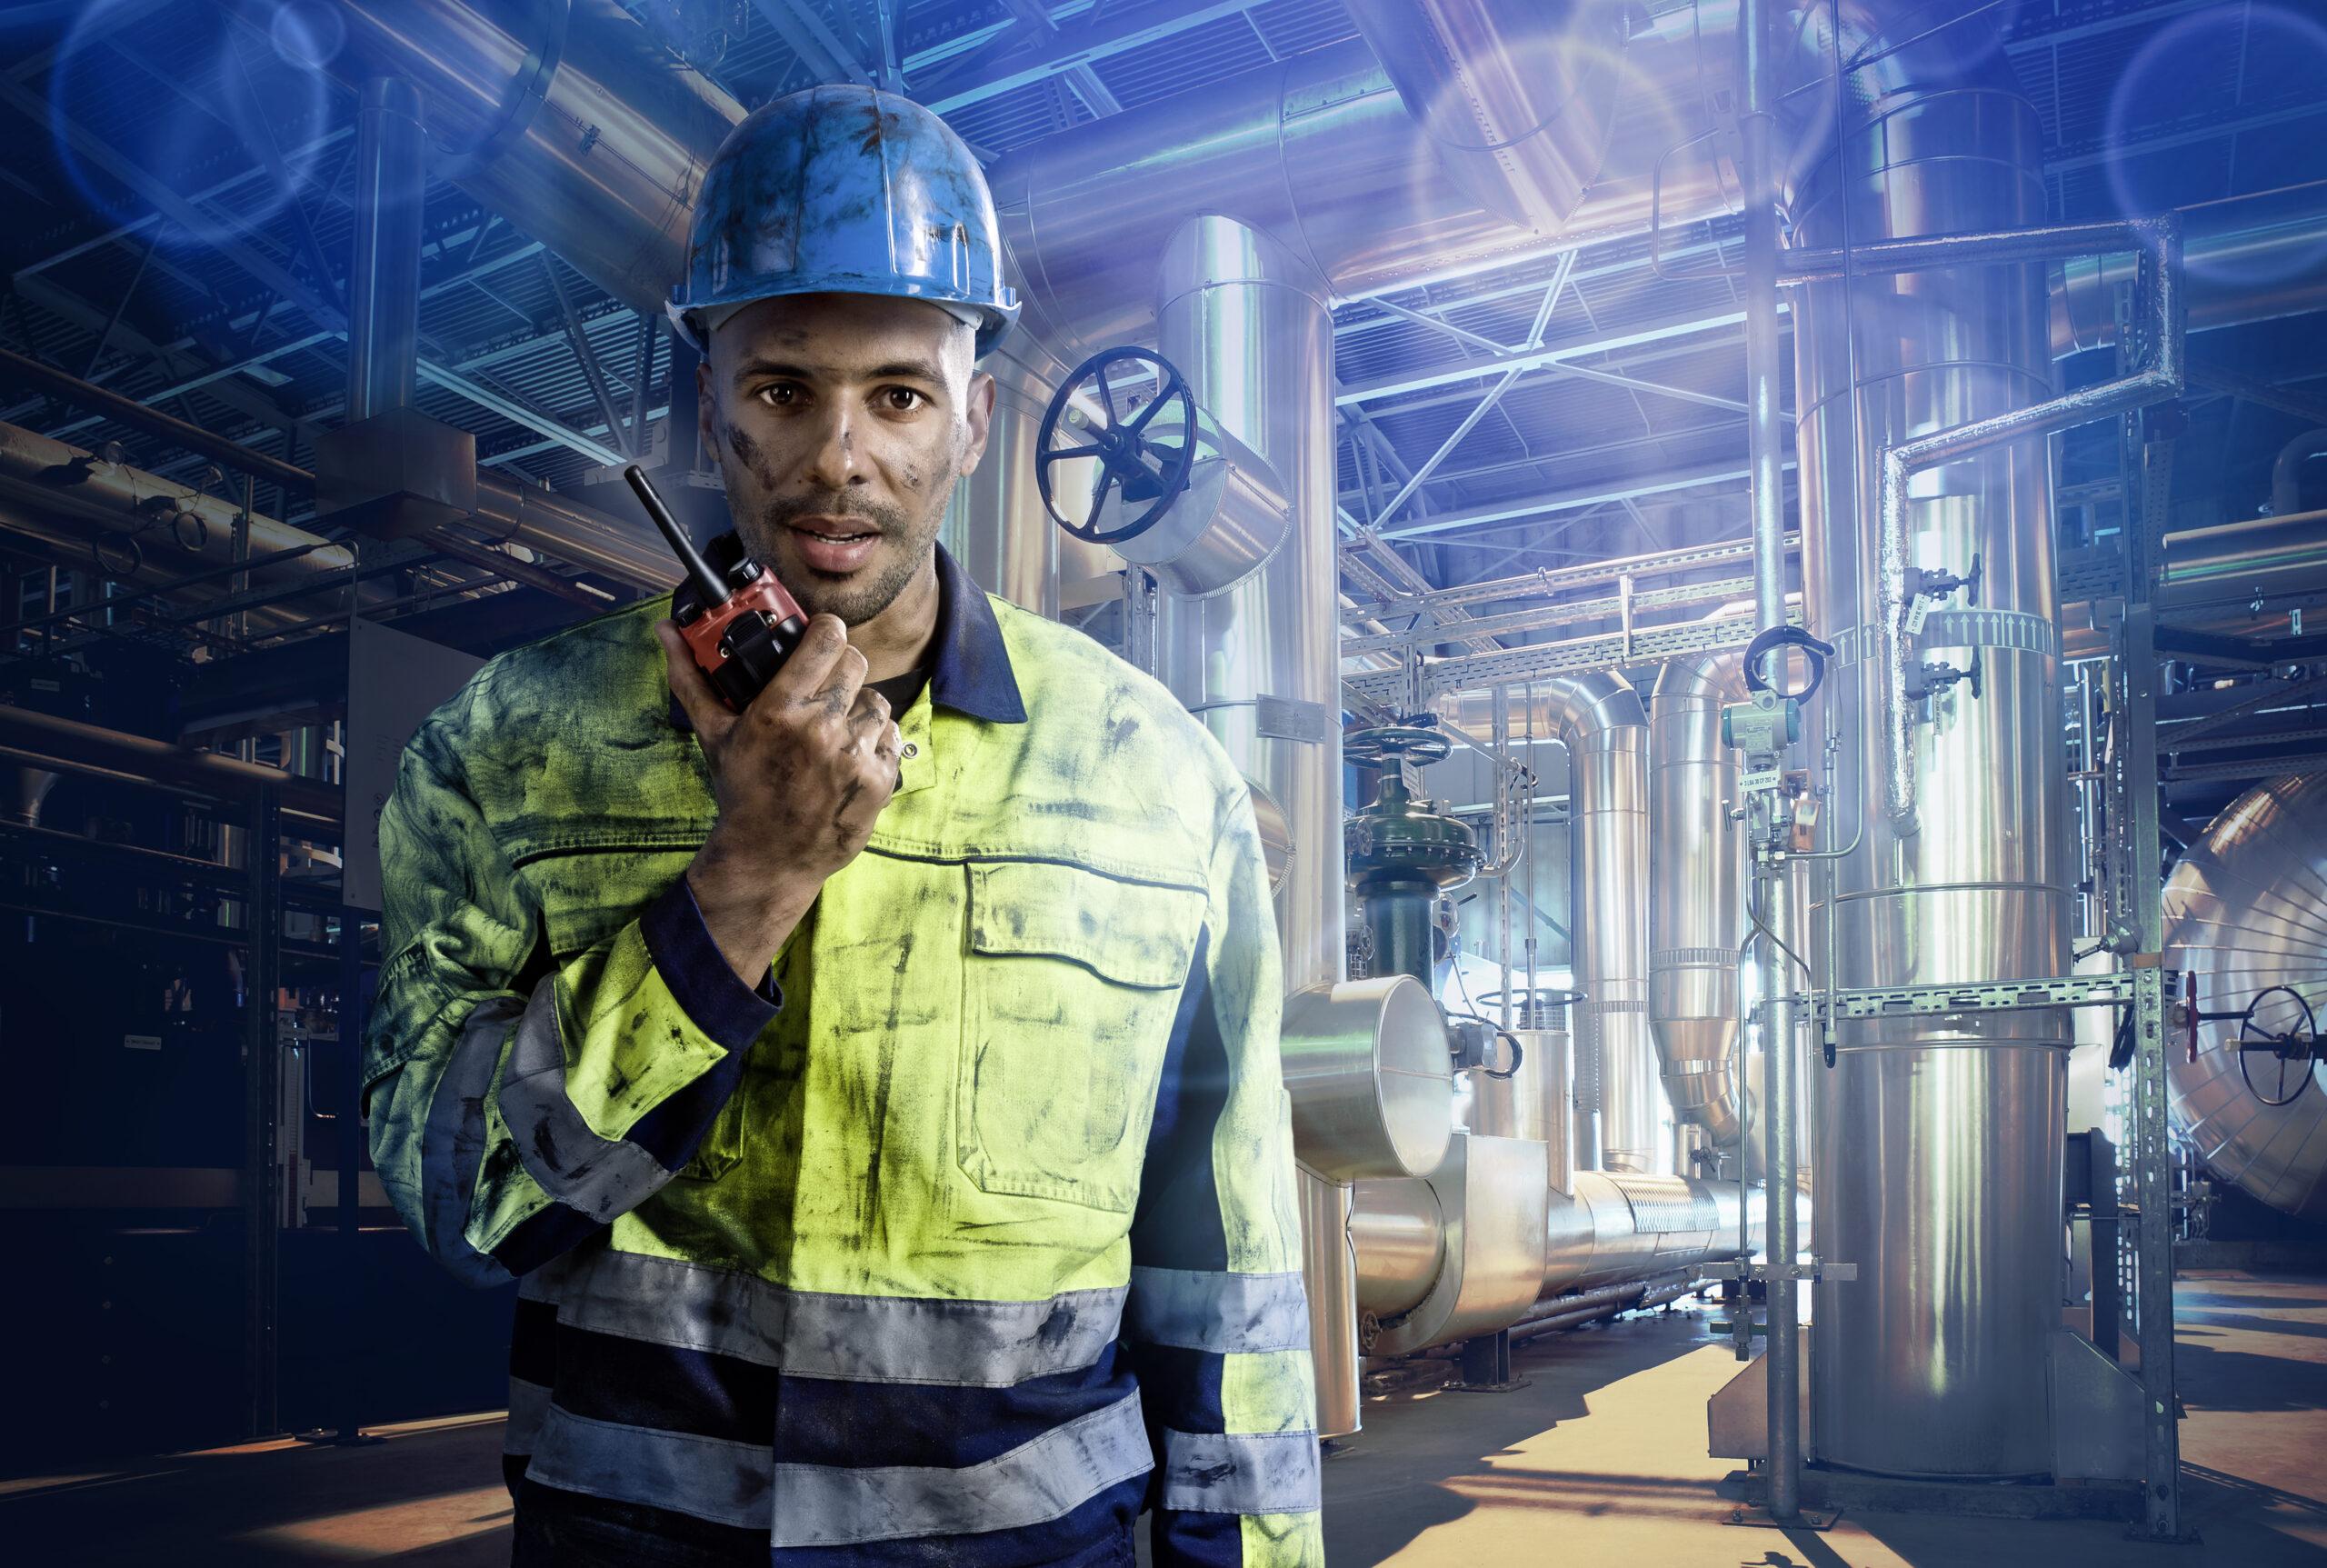 Oil & Gas - Worker inside Refinery